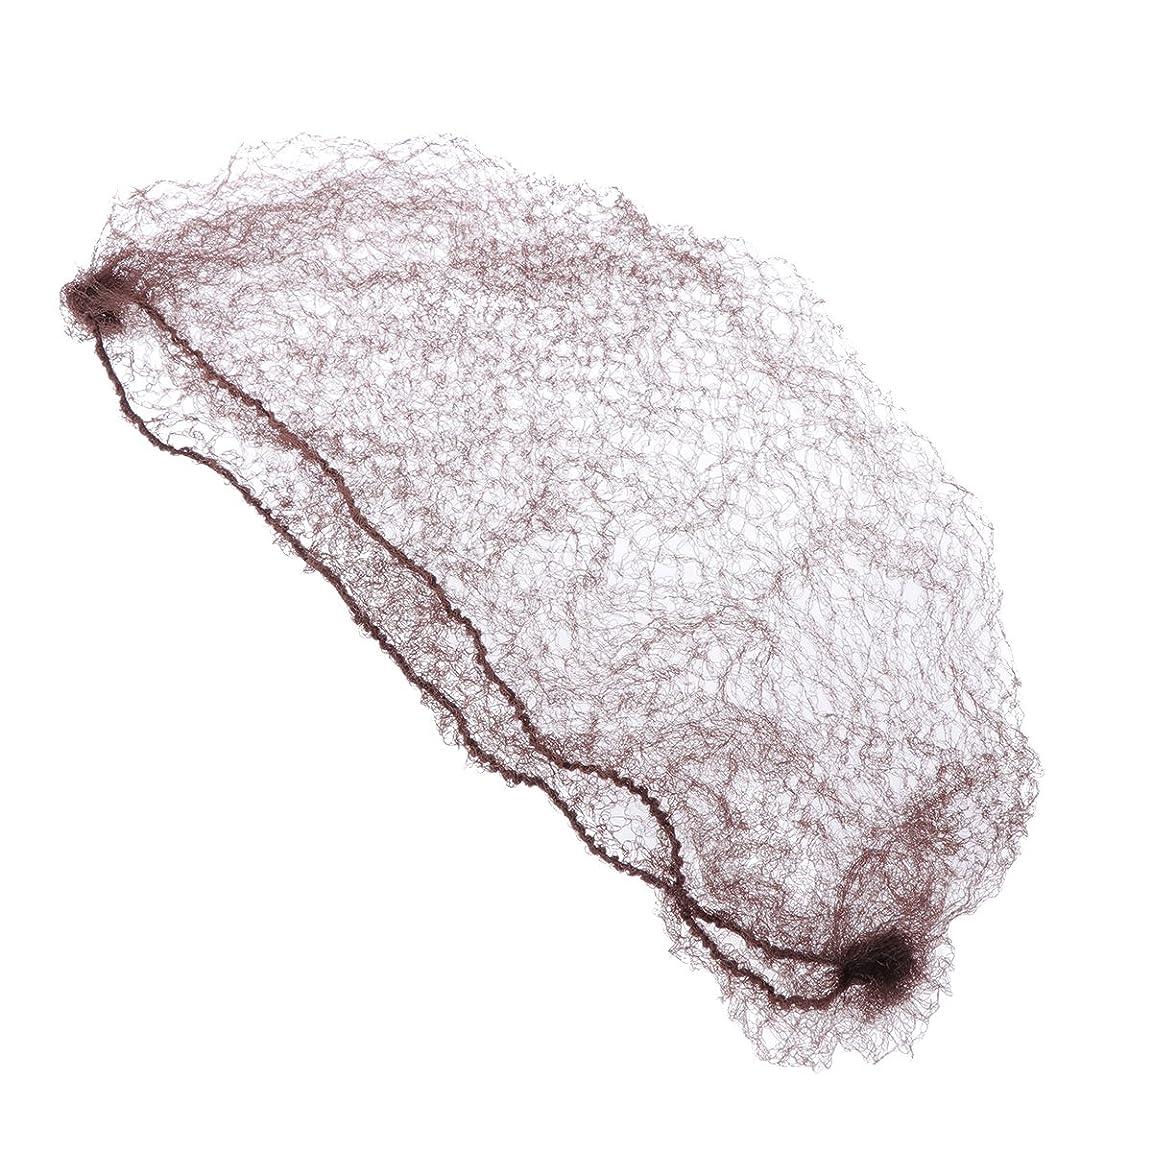 分散証言エージェントSUPVOX 50個の目に見えない髪はかつらと髪を固定するコーヒーのための弾性エッジメッシュをネット